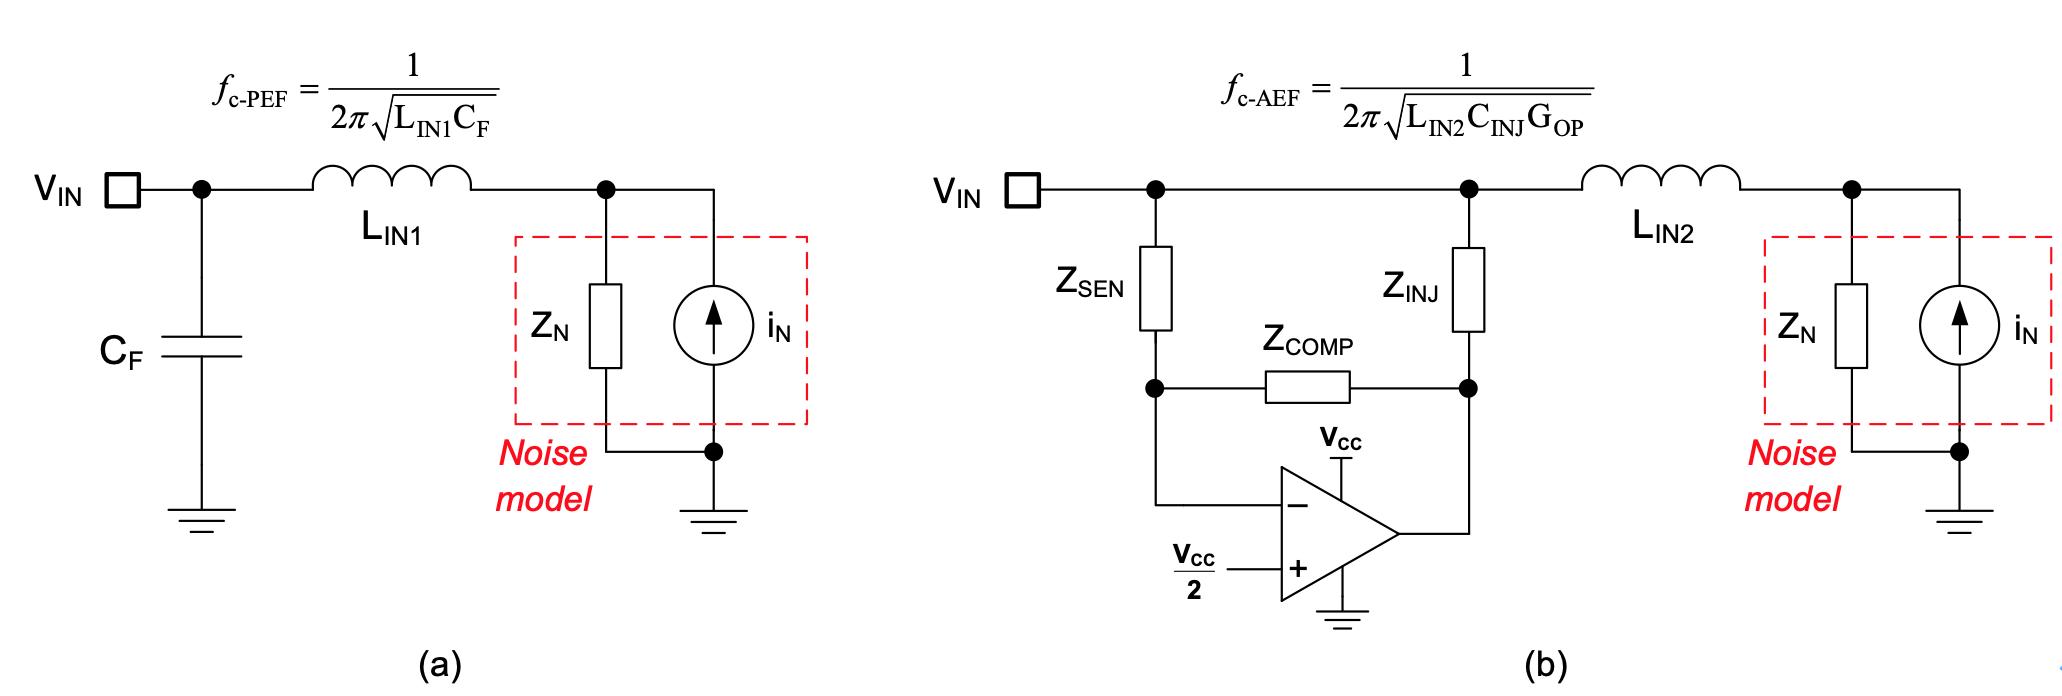 如何通过集成式有源EMI滤波器降低EMI并缩小电源尺寸?